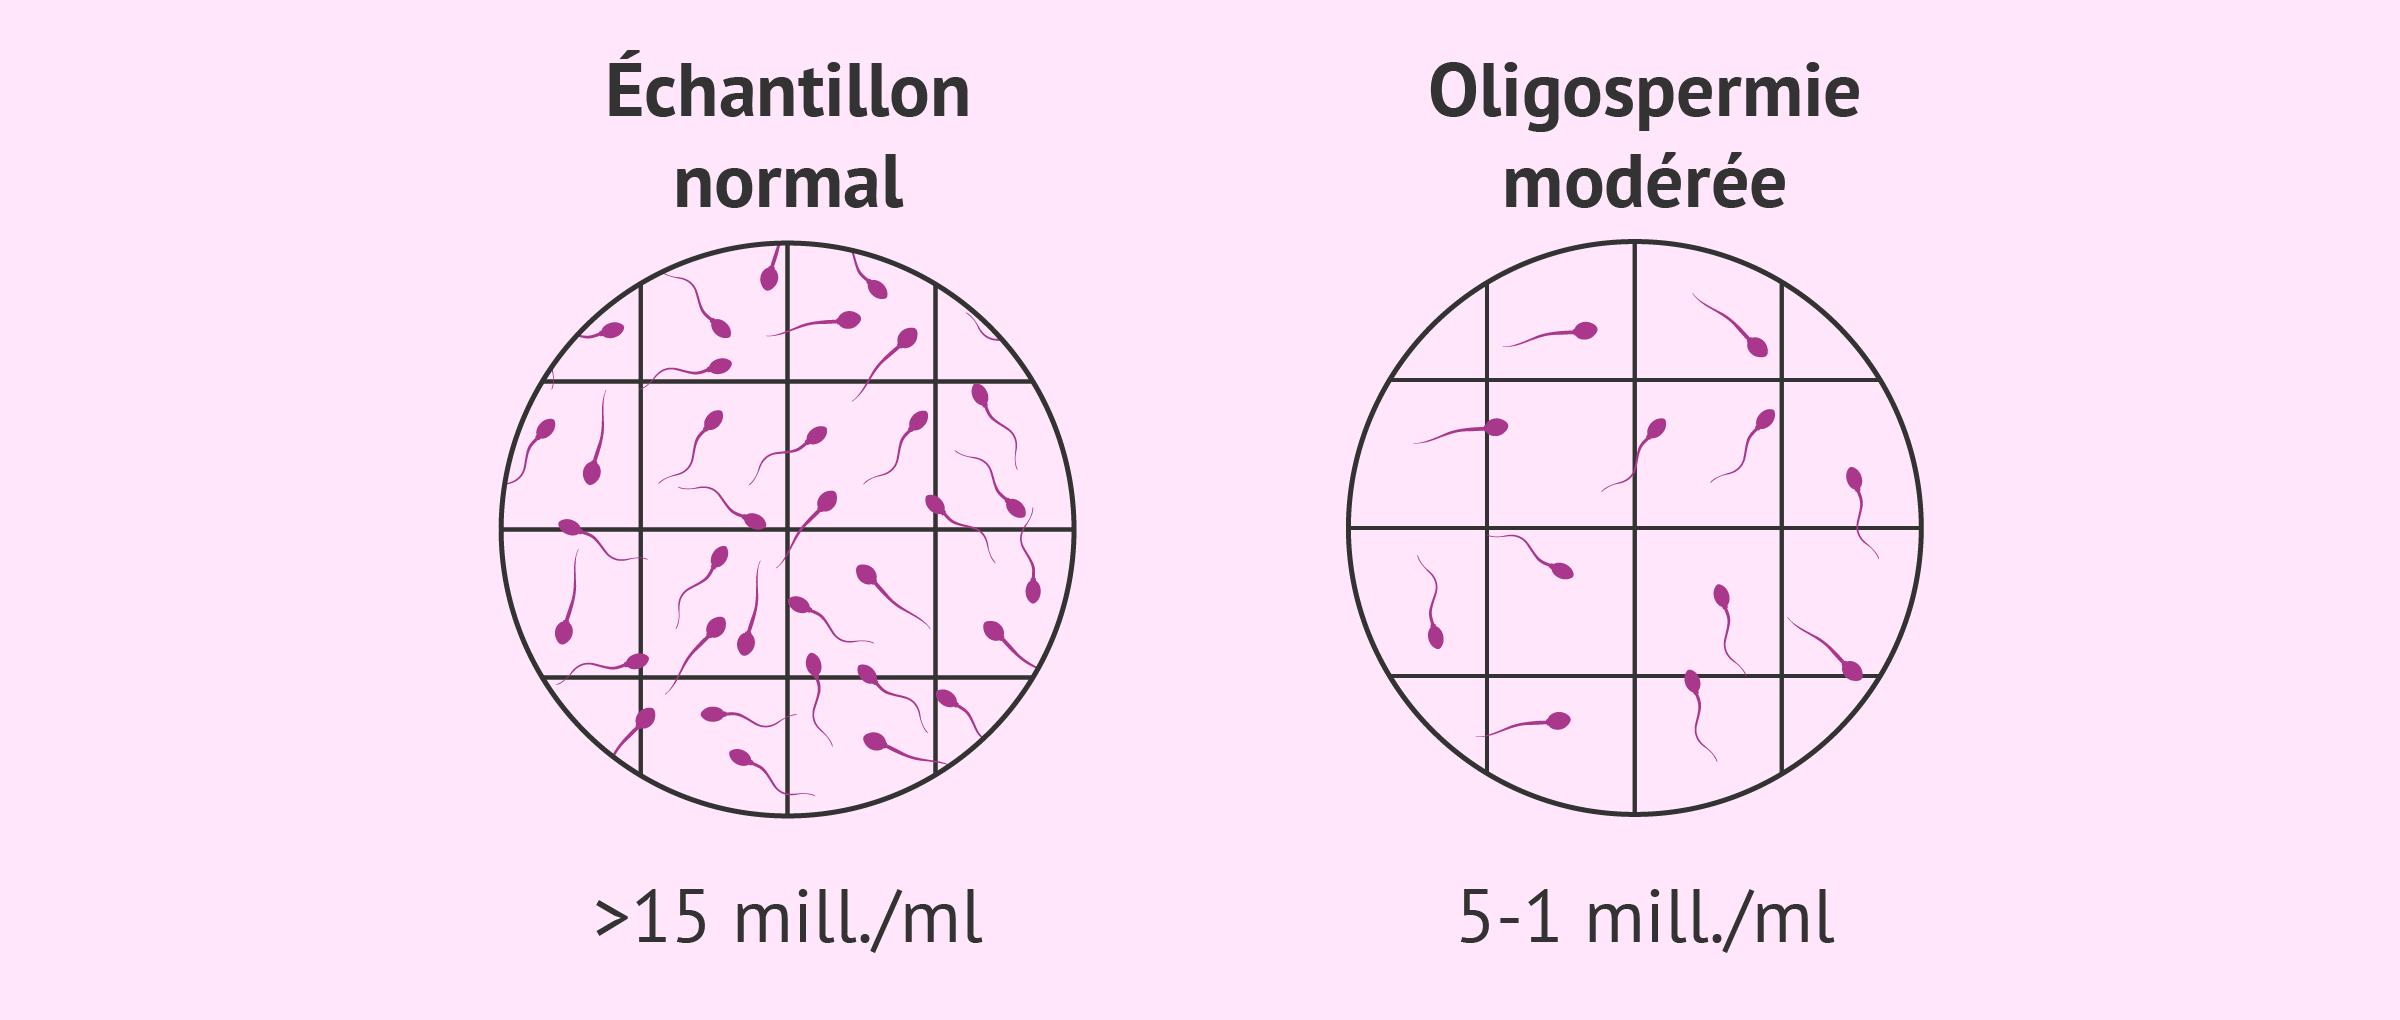 Oligospermie modérée